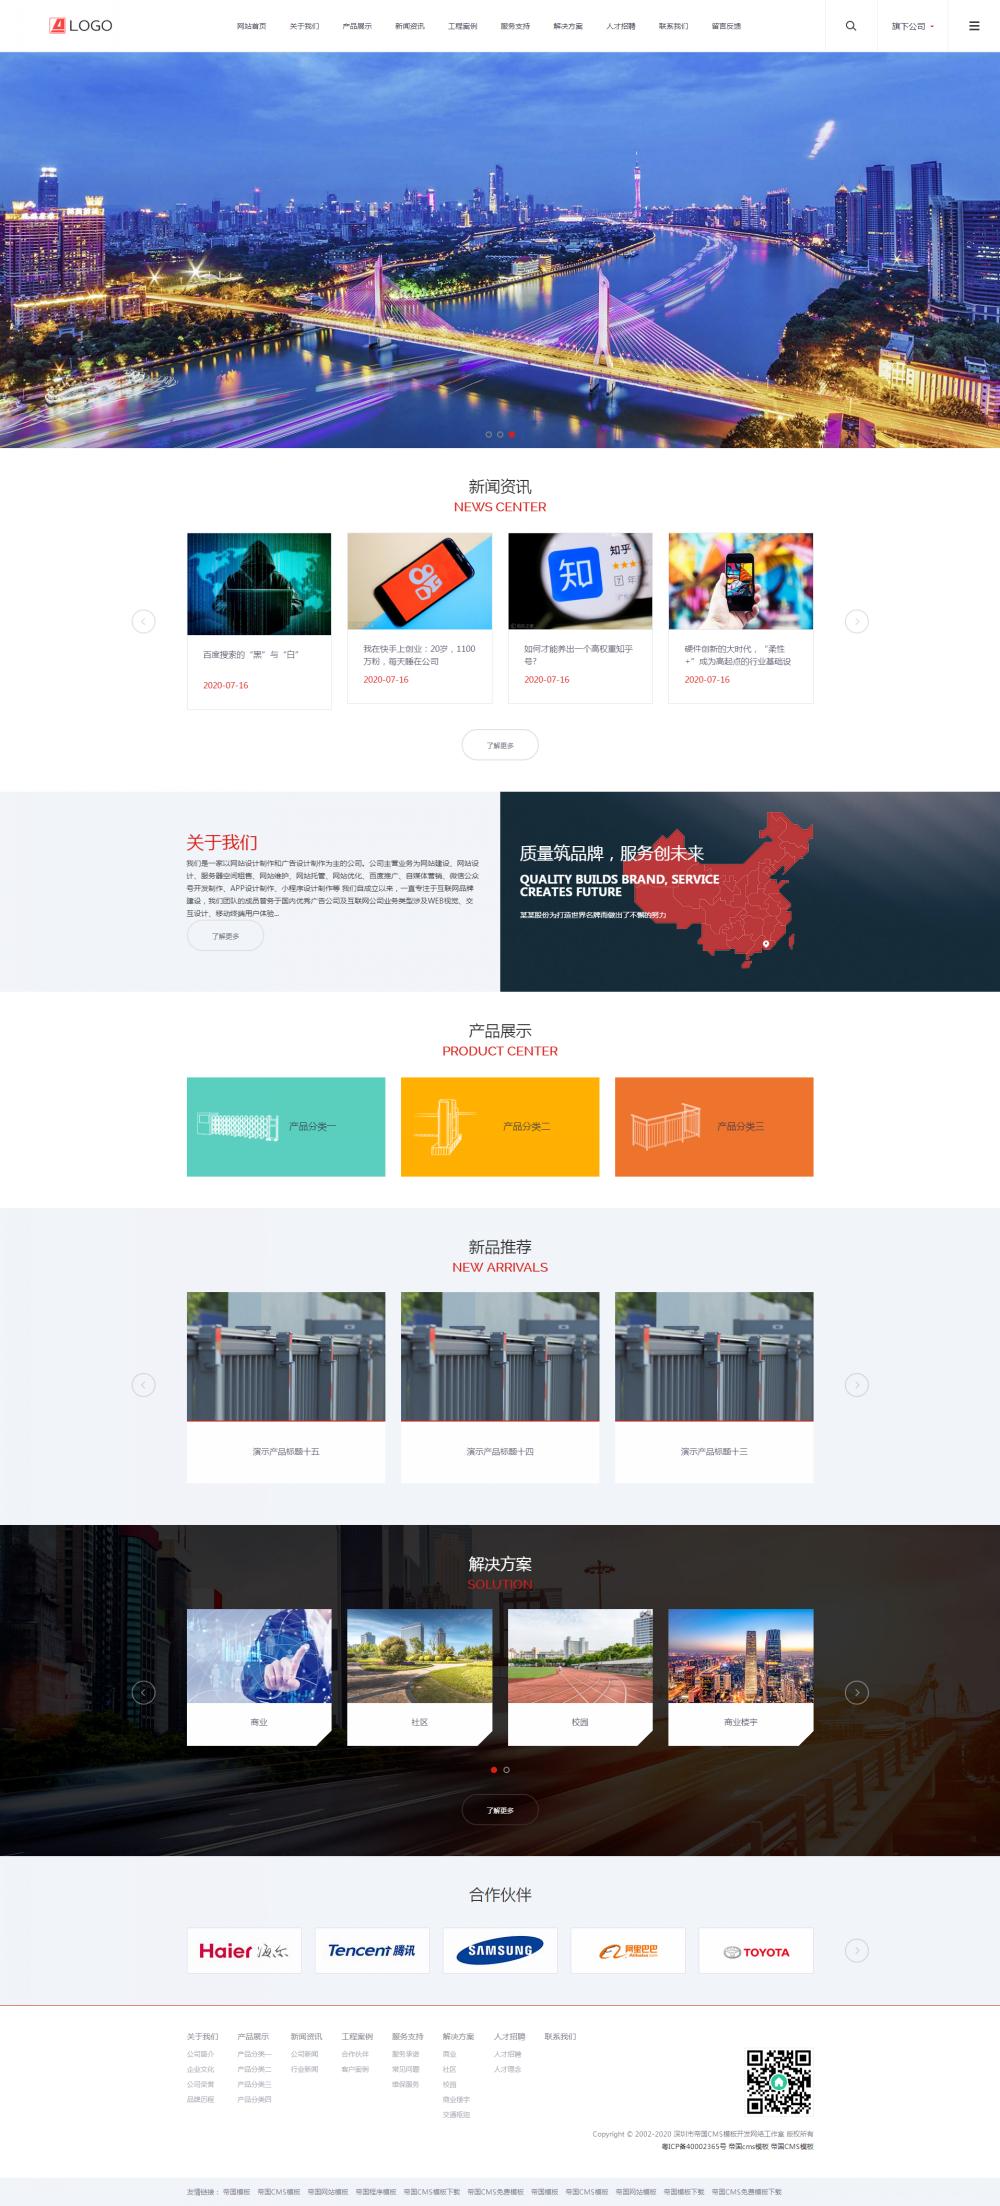 1网站首页.png [DG-124]响应式大型企业集团类帝国CMS模板 HTML5工业机械设备帝国网站源码下载 企业模板 第1张